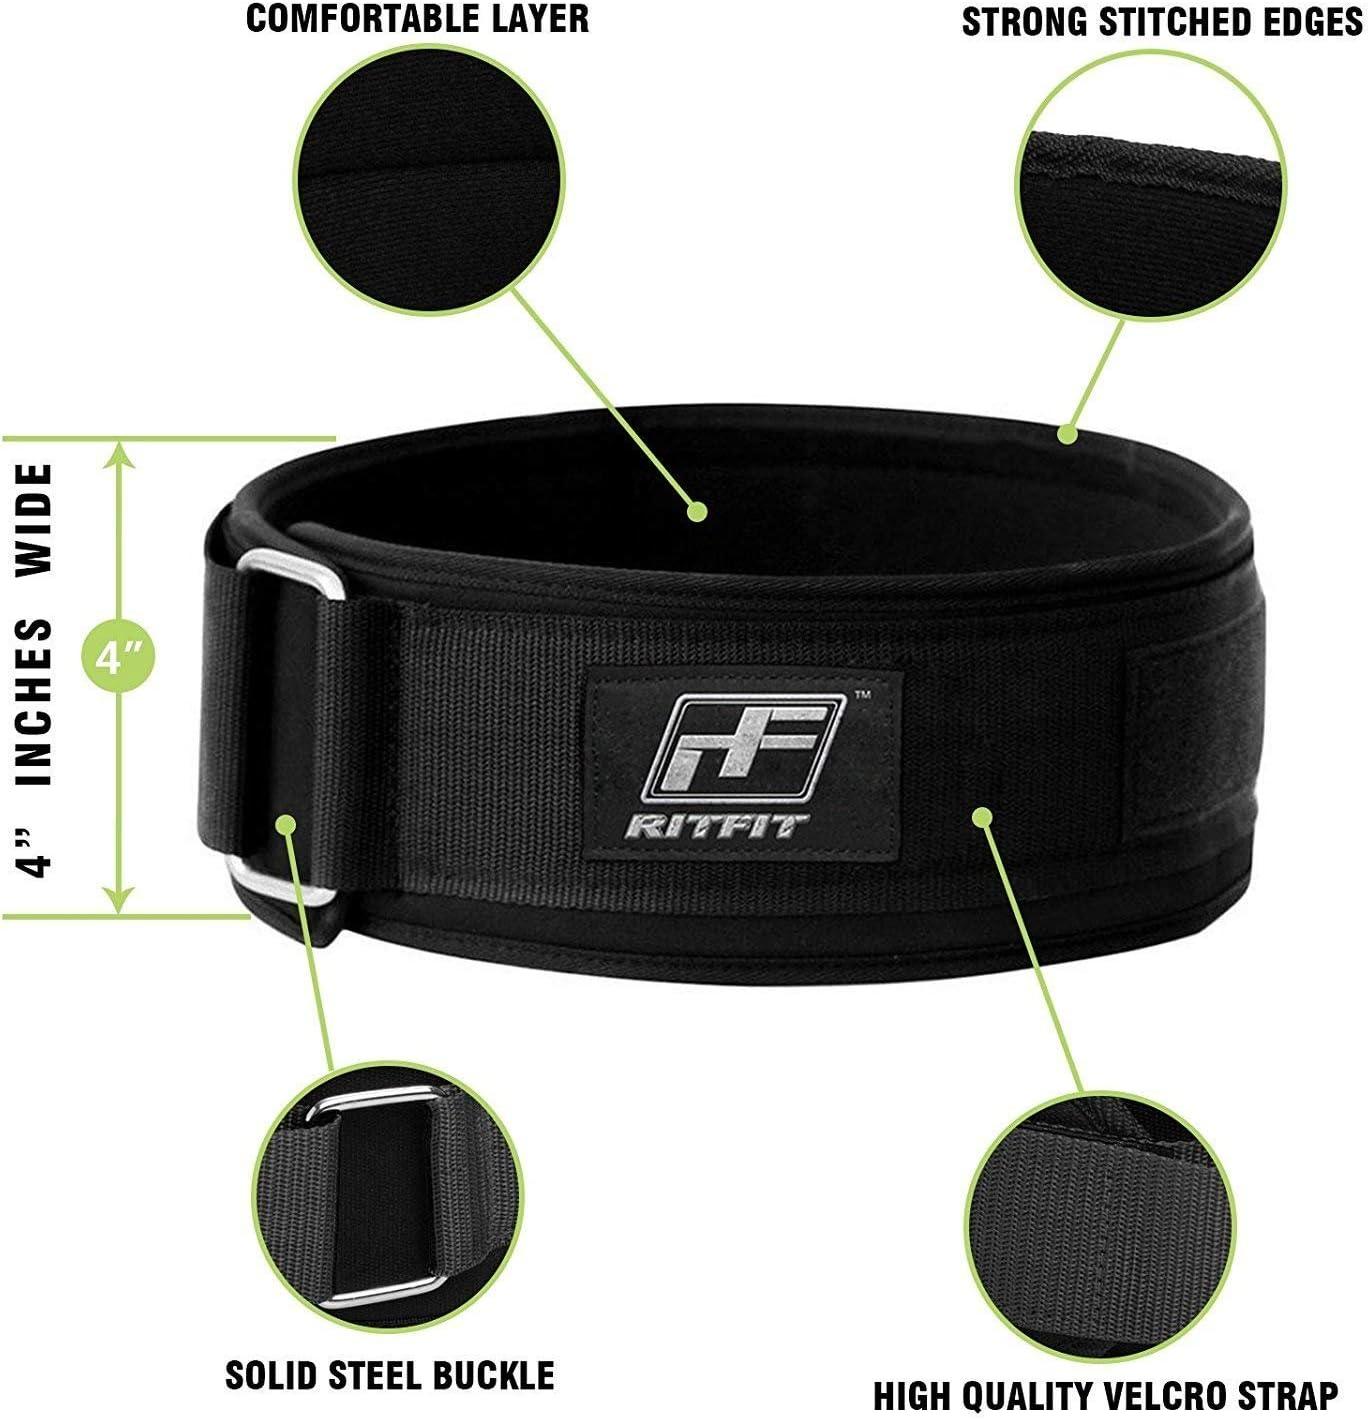 RitFit 4 pulgadas soporte lumbar firme y c/ómodo con protecci/ón contra lesiones en la espalda color negro para hombres y mujeres limpio Cintur/ón de levantamiento de pesas para sentadillas ol/ímpico